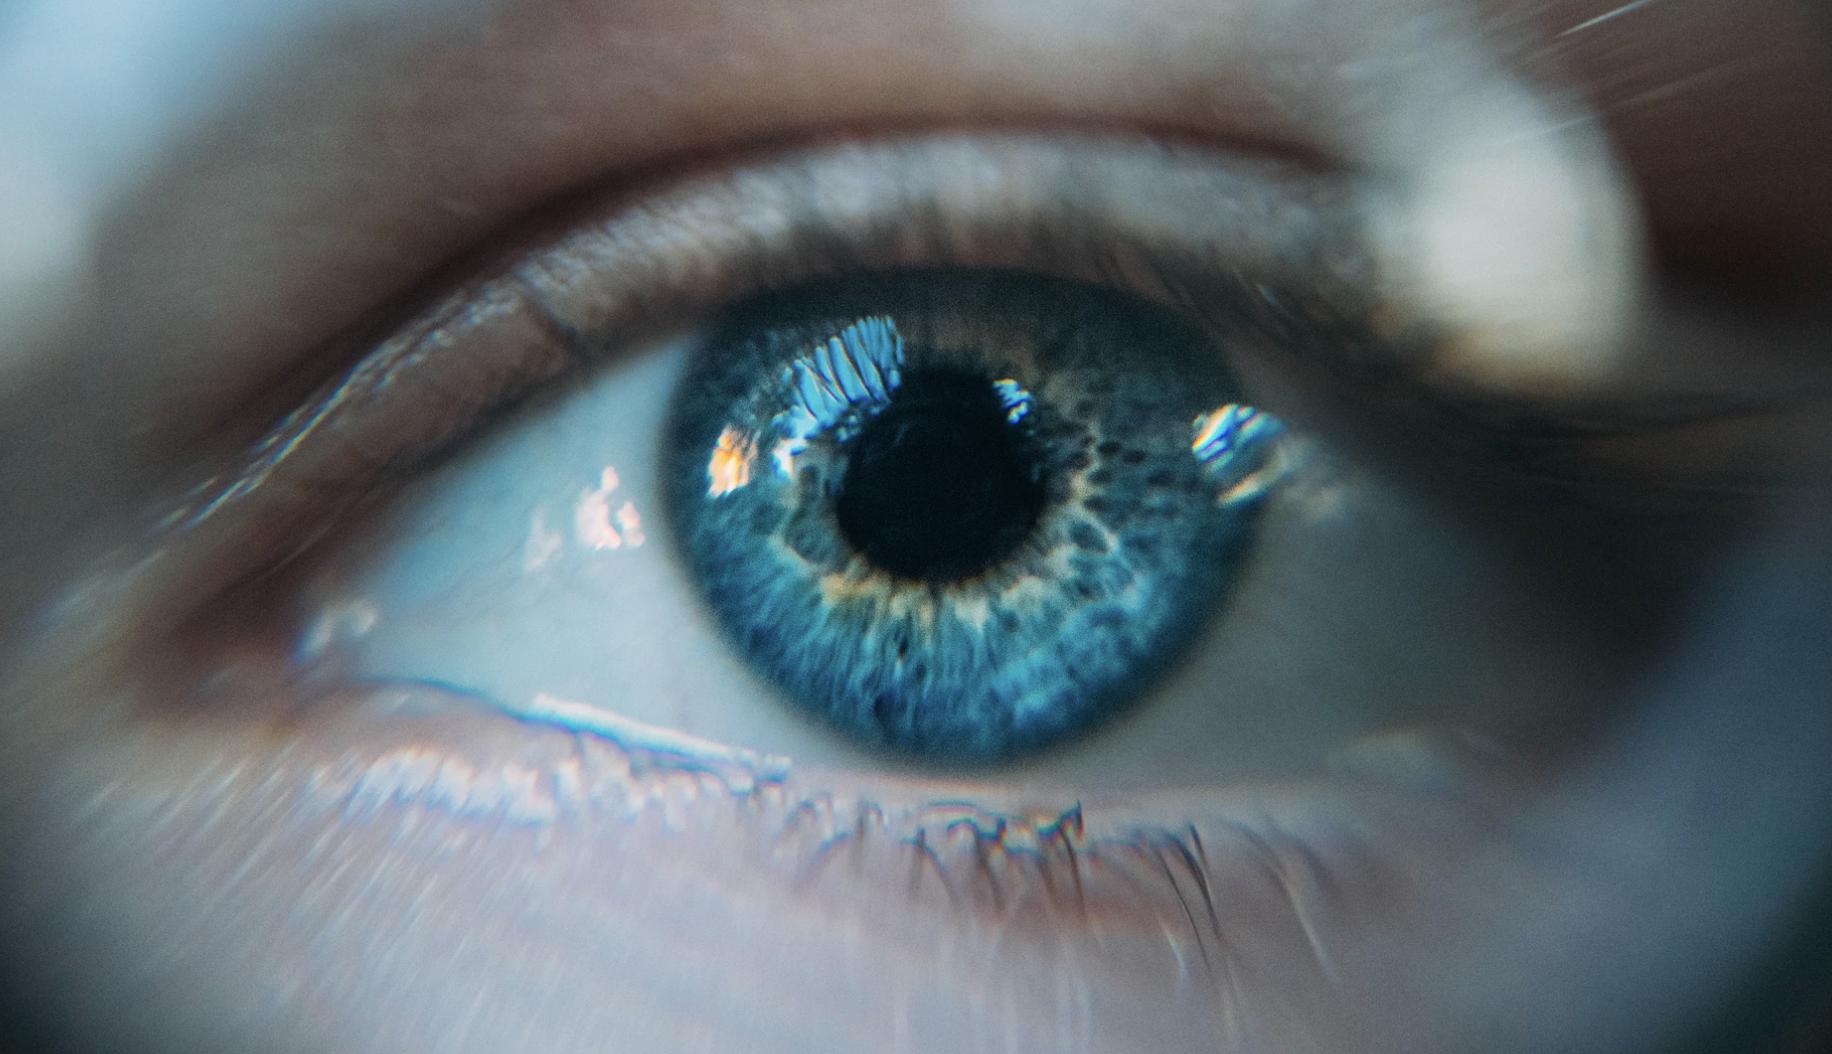 愛知(名古屋)でICL手術ができる眼科おすすめ4選(費用比較)【2020年最新版】